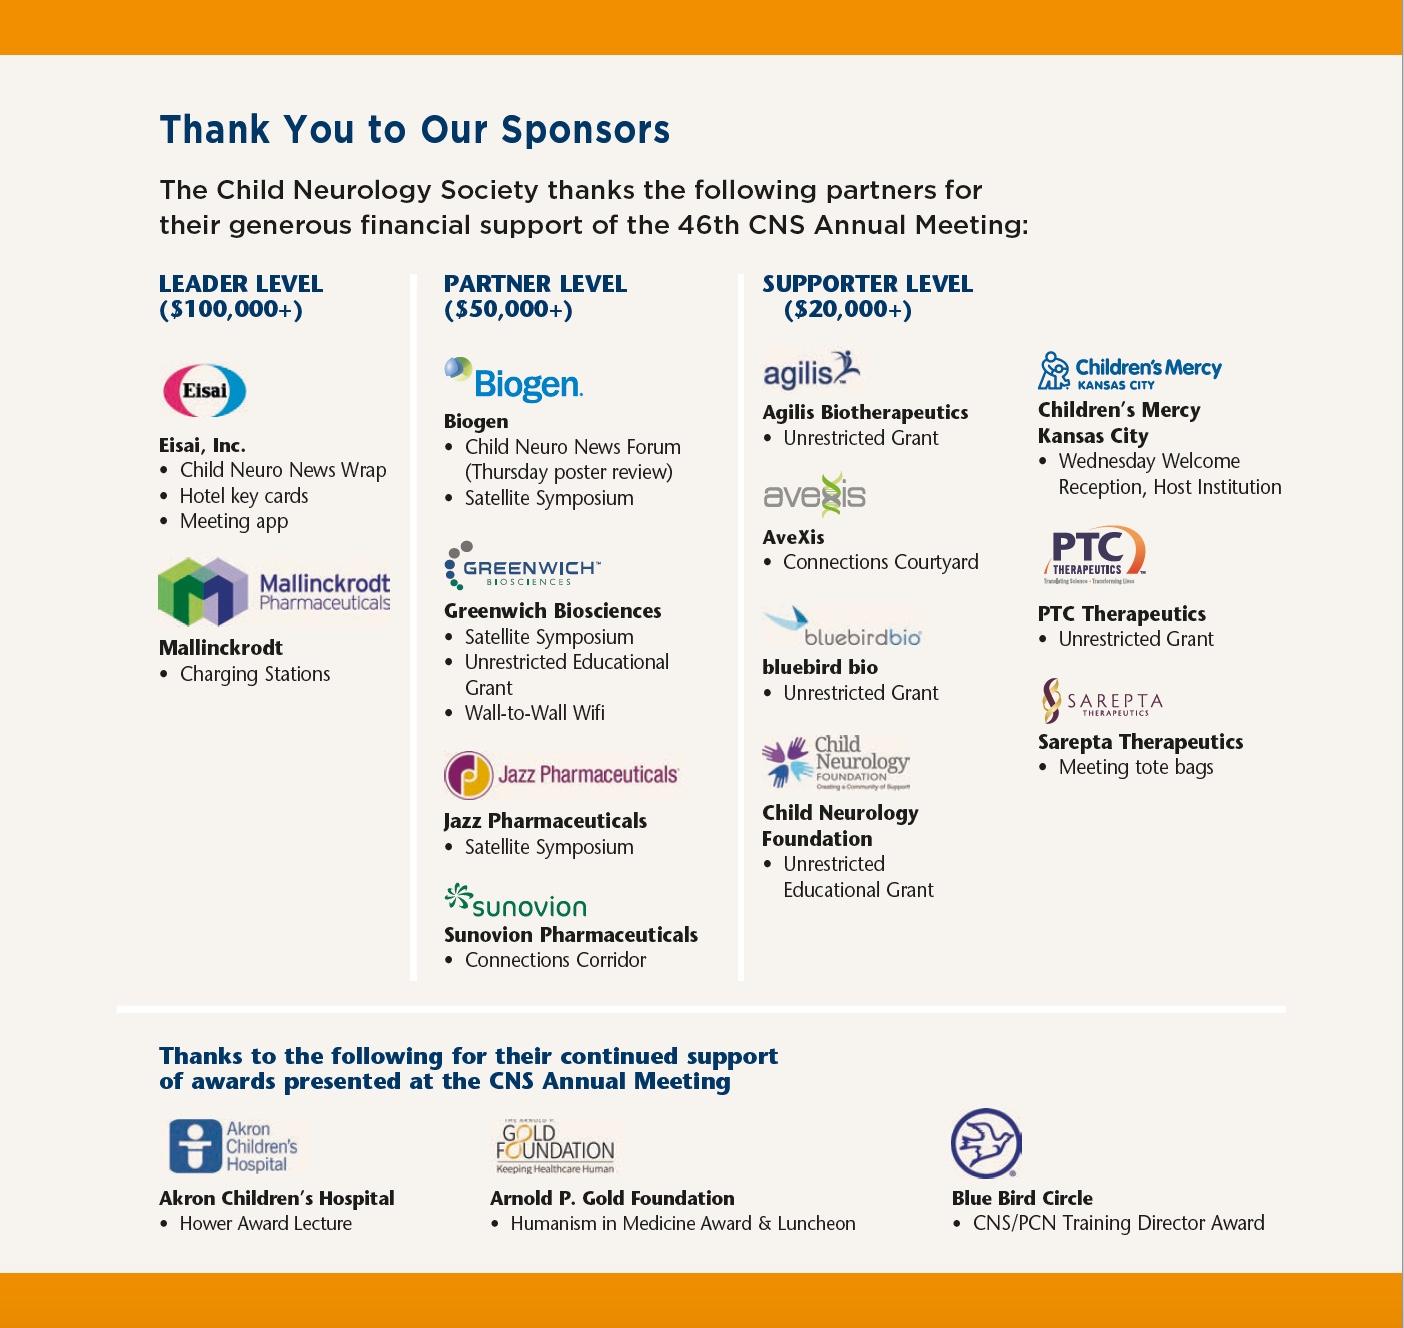 46th Annual Meeting Sponosors